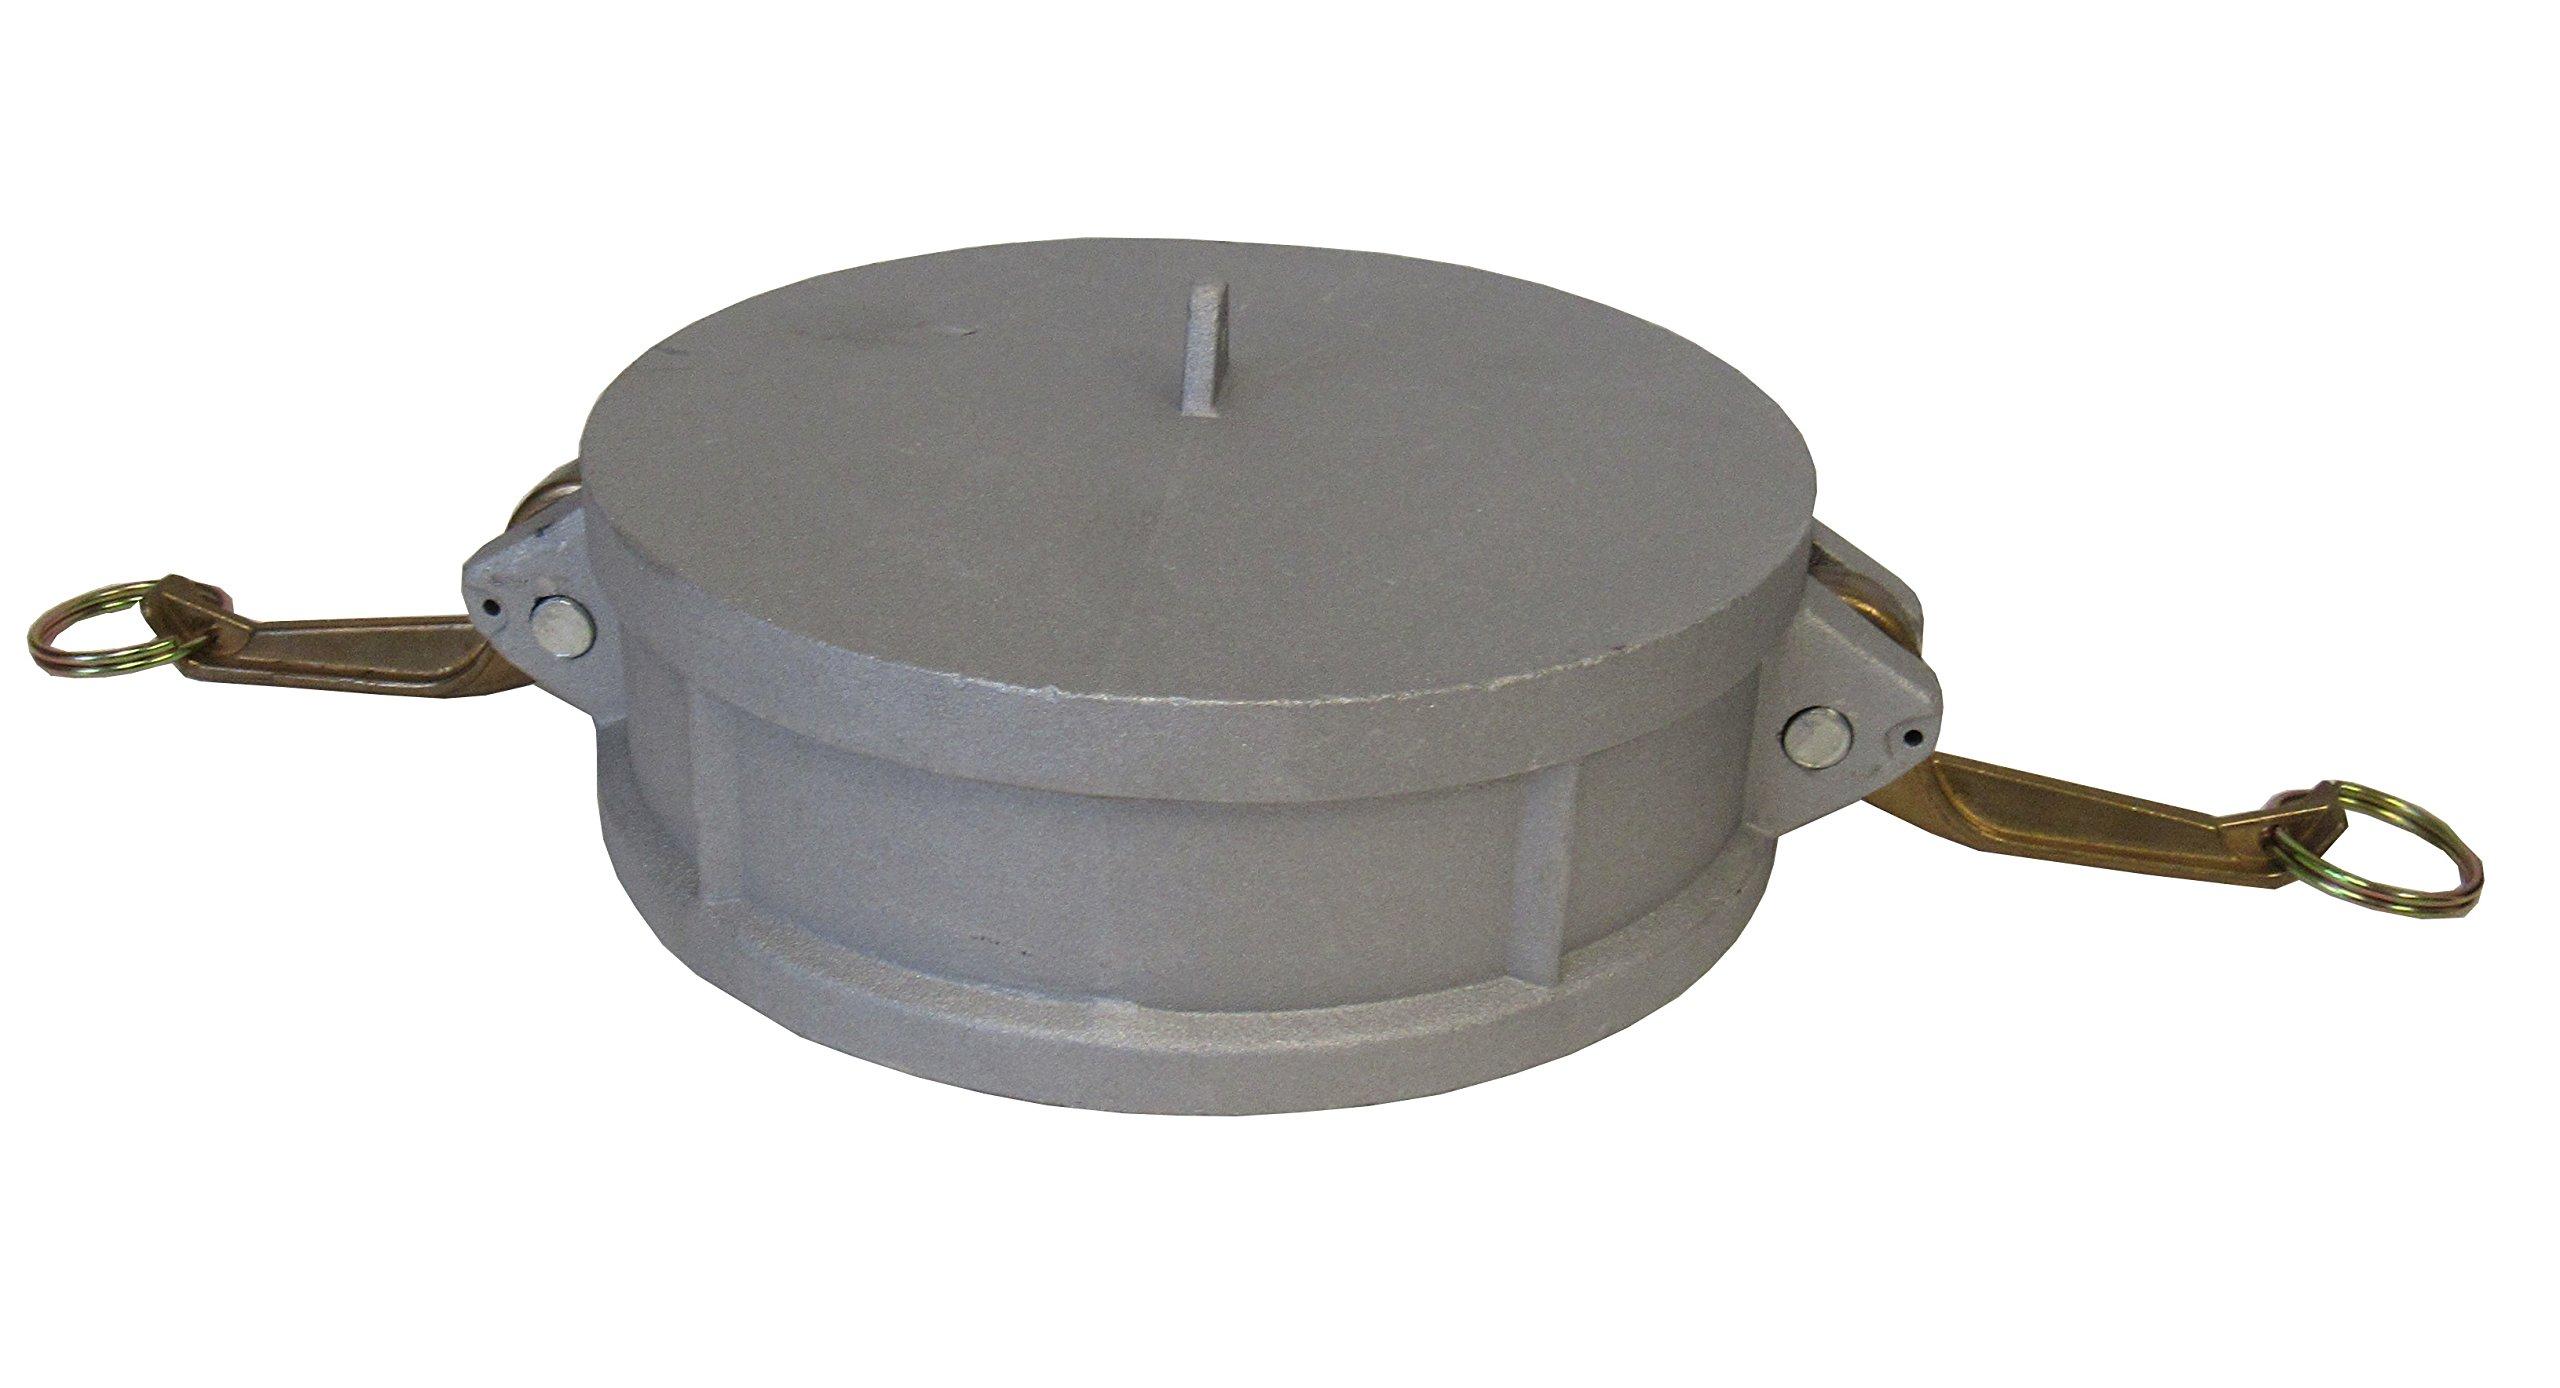 CAMLOCK CAP - 600DC CAM & GROOVE FITTING 6 INCH ALUMINUM CAP